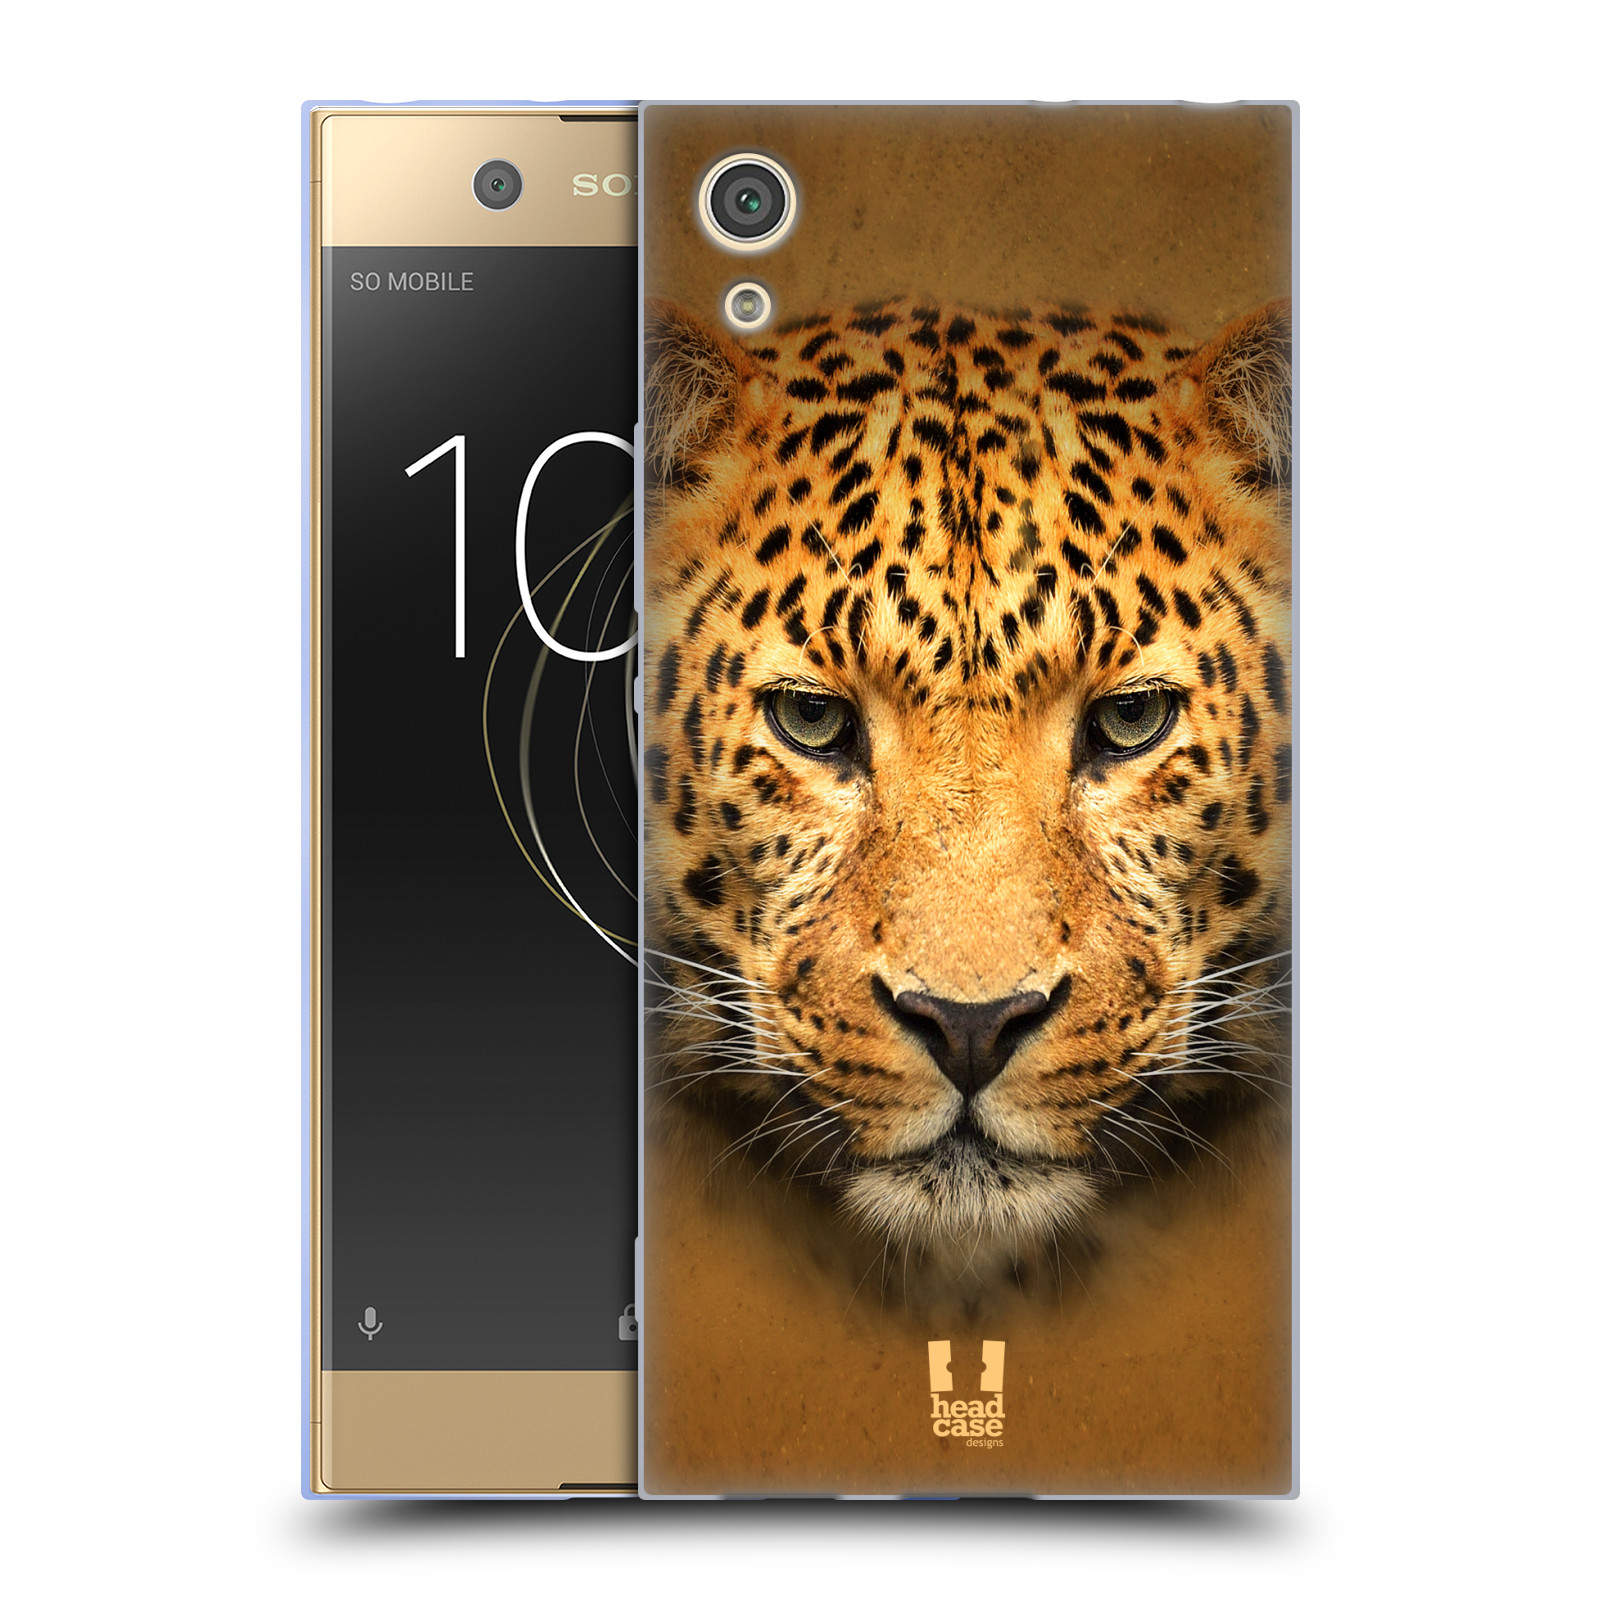 HEAD CASE silikonový obal na mobil Sony Xperia XA1 / XA1 DUAL SIM vzor Zvířecí tváře 2 leopard